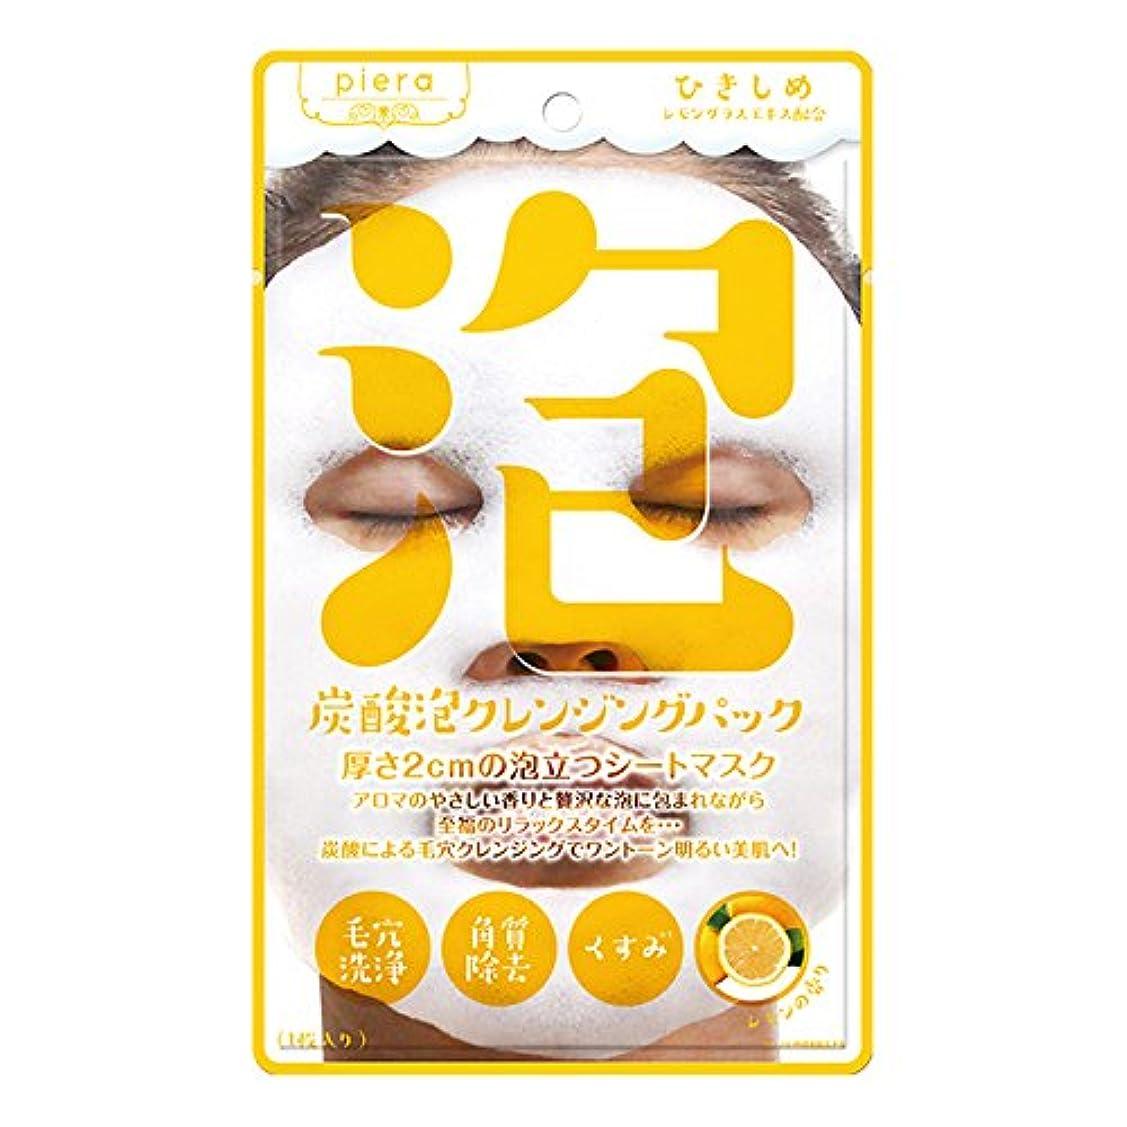 書誌ネット落胆したピエラ 炭酸泡パック レモン 1枚